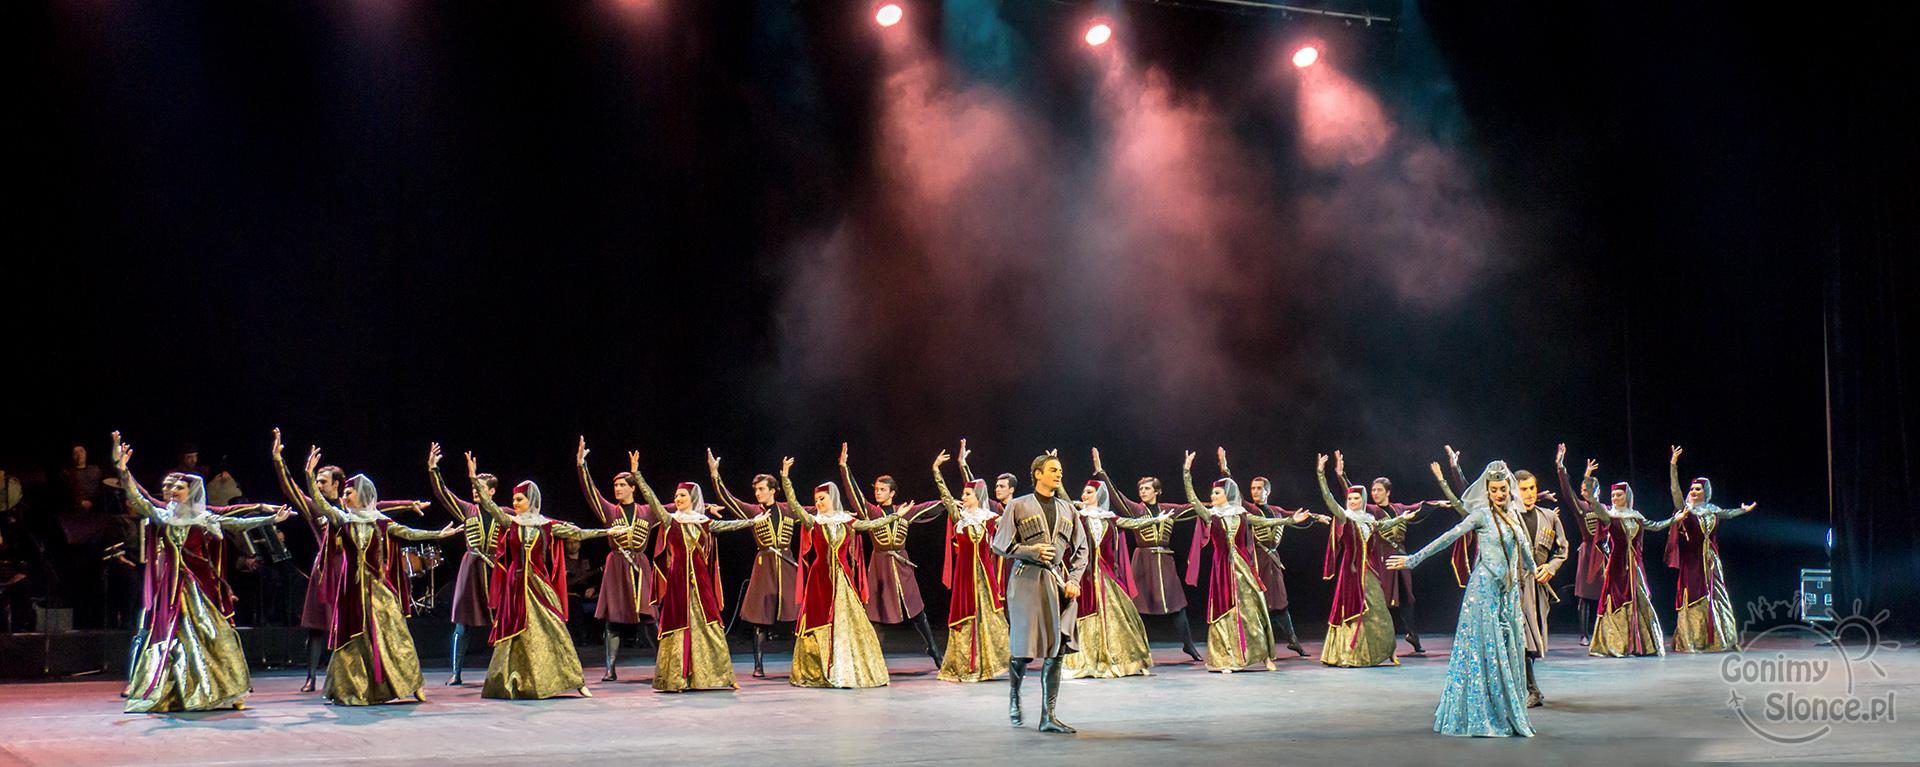 Narodowy Balet Gruzji Sukhishvili 05 blog kulturalny